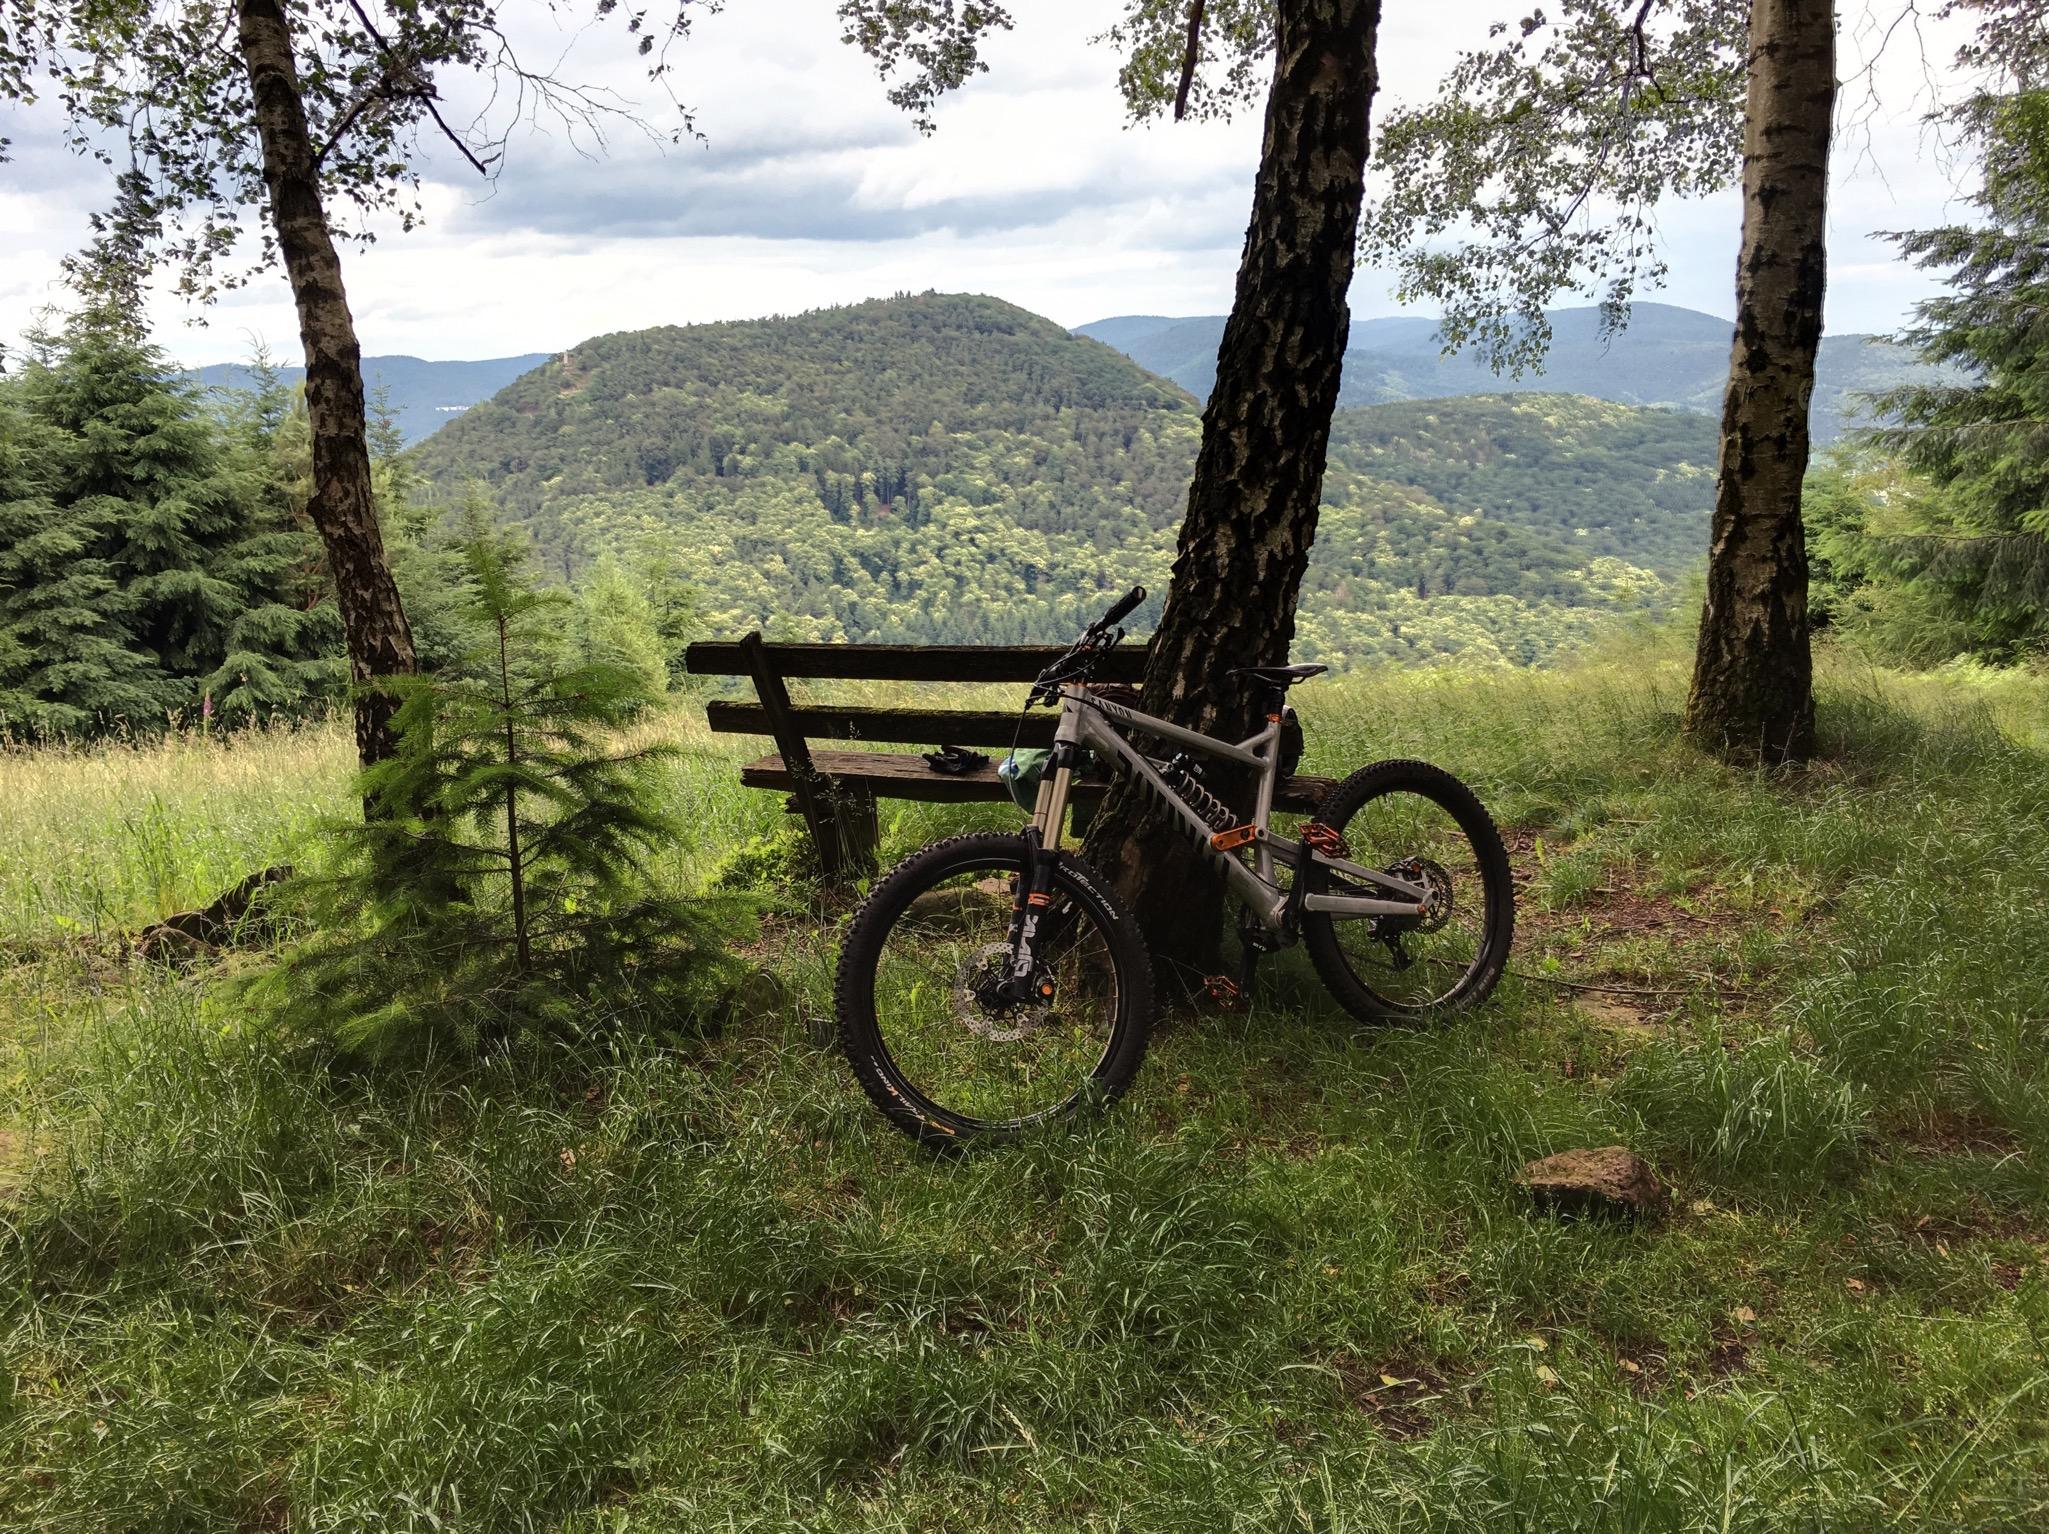 """Nachhause, umziehen und ab aufs Mountainbike: Eine schnelle Runde auf einen der """"Hausberge"""", während die Kleine Mittagsschlaf macht"""